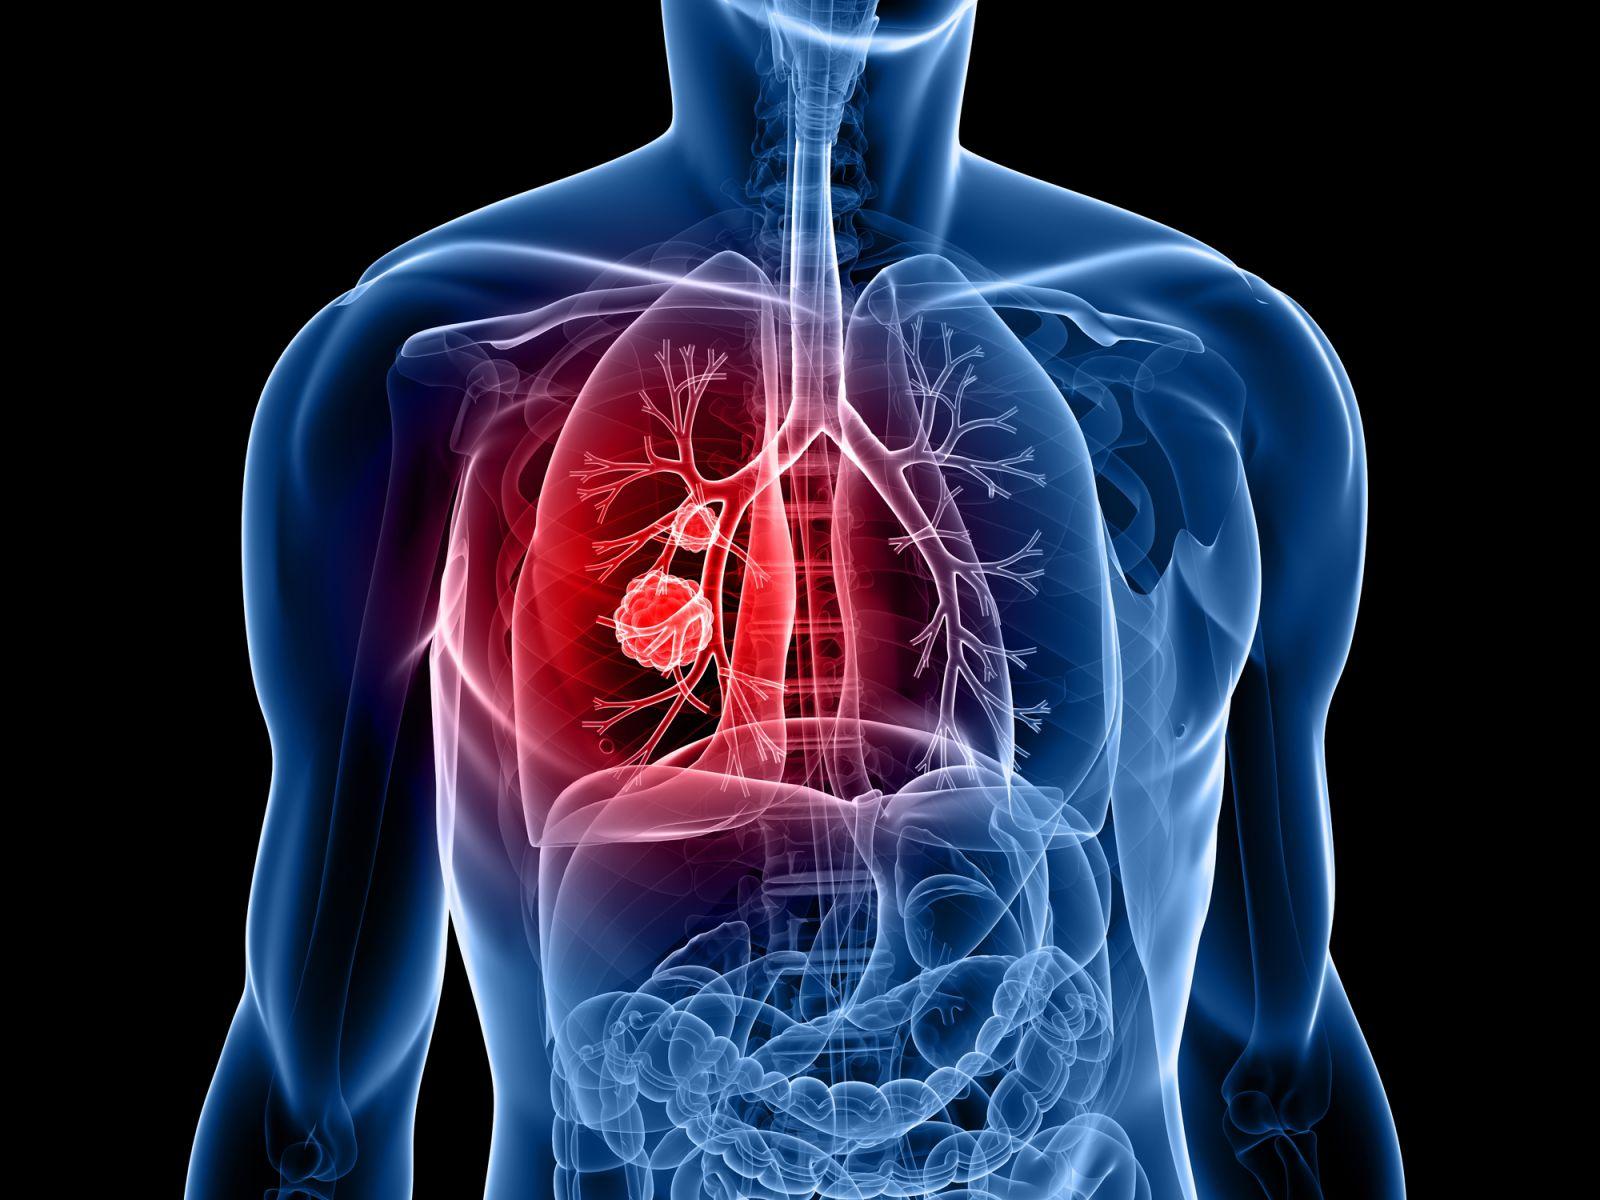 Καρκίνος πνεύμονας έρευνα: Ο μακάβριος ενζυματικός χορός του καρκίνου του πνεύμονα [vid]